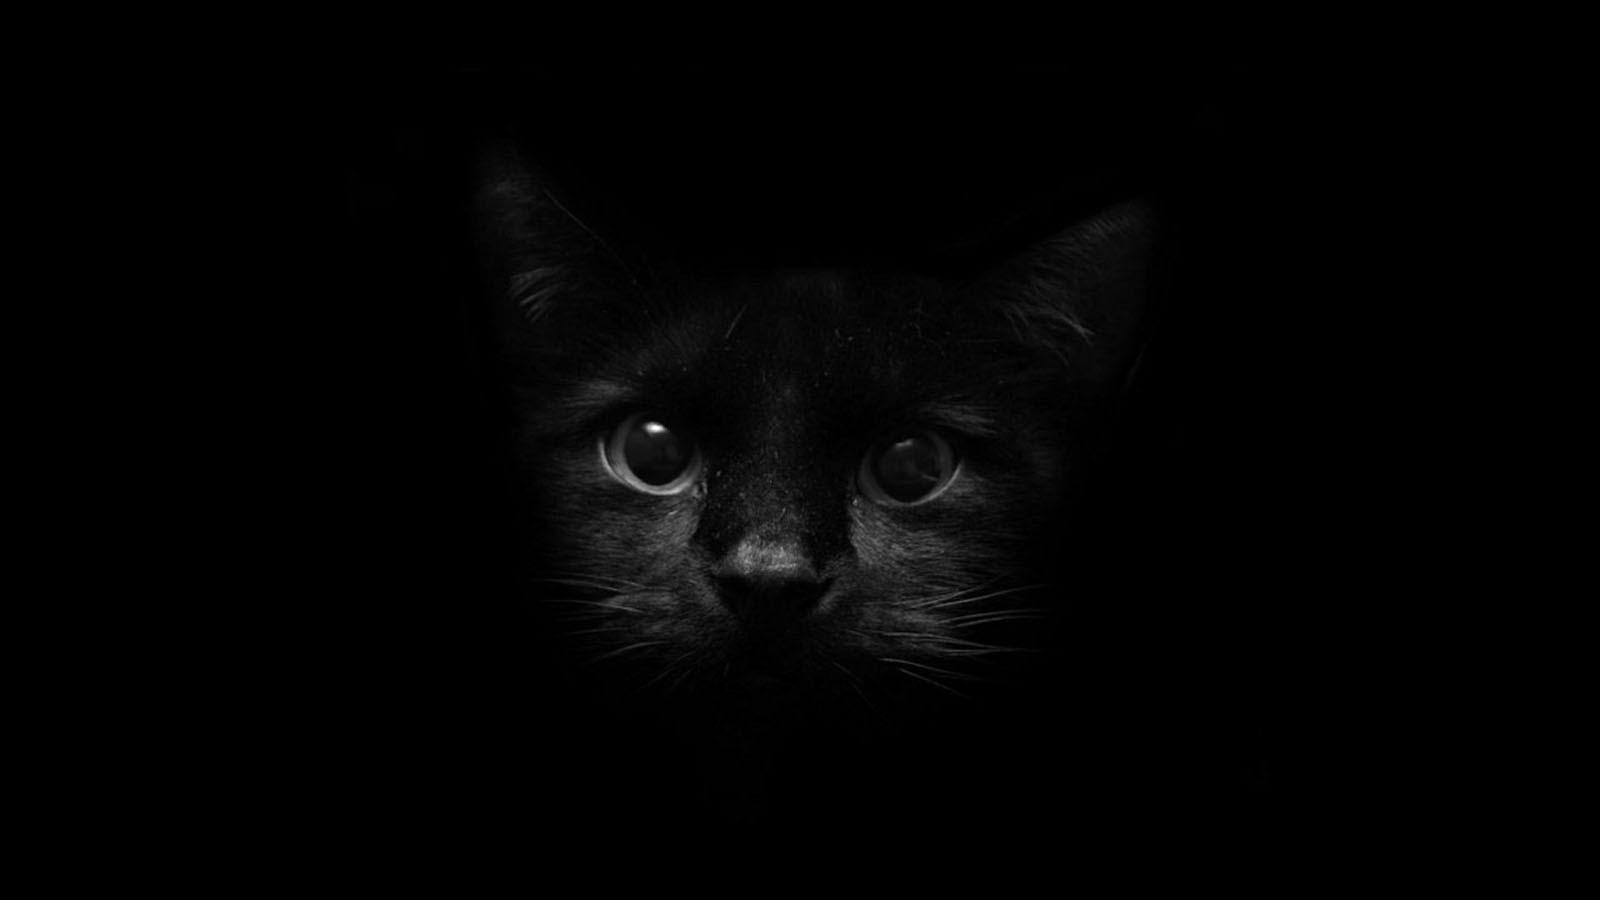 Black Wallpaper For Desktop Sudingfamily